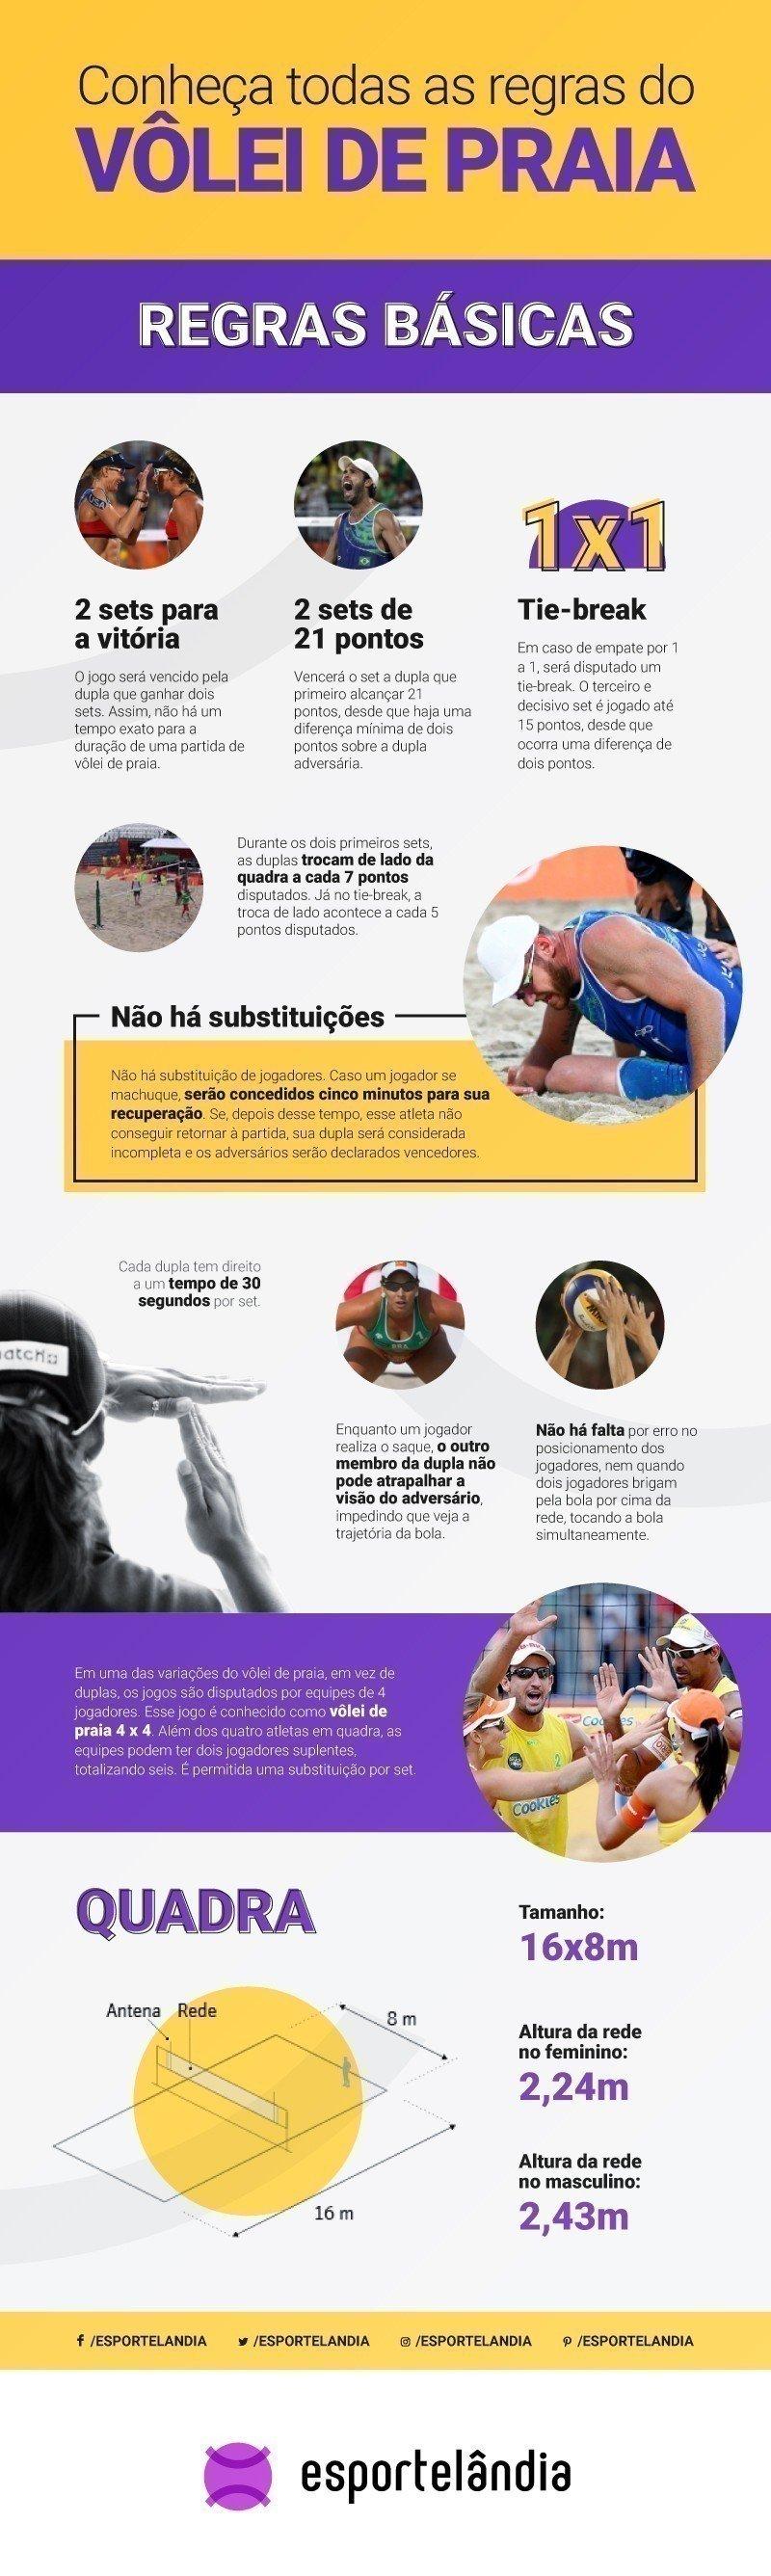 Todas as regras do vôlei de praia